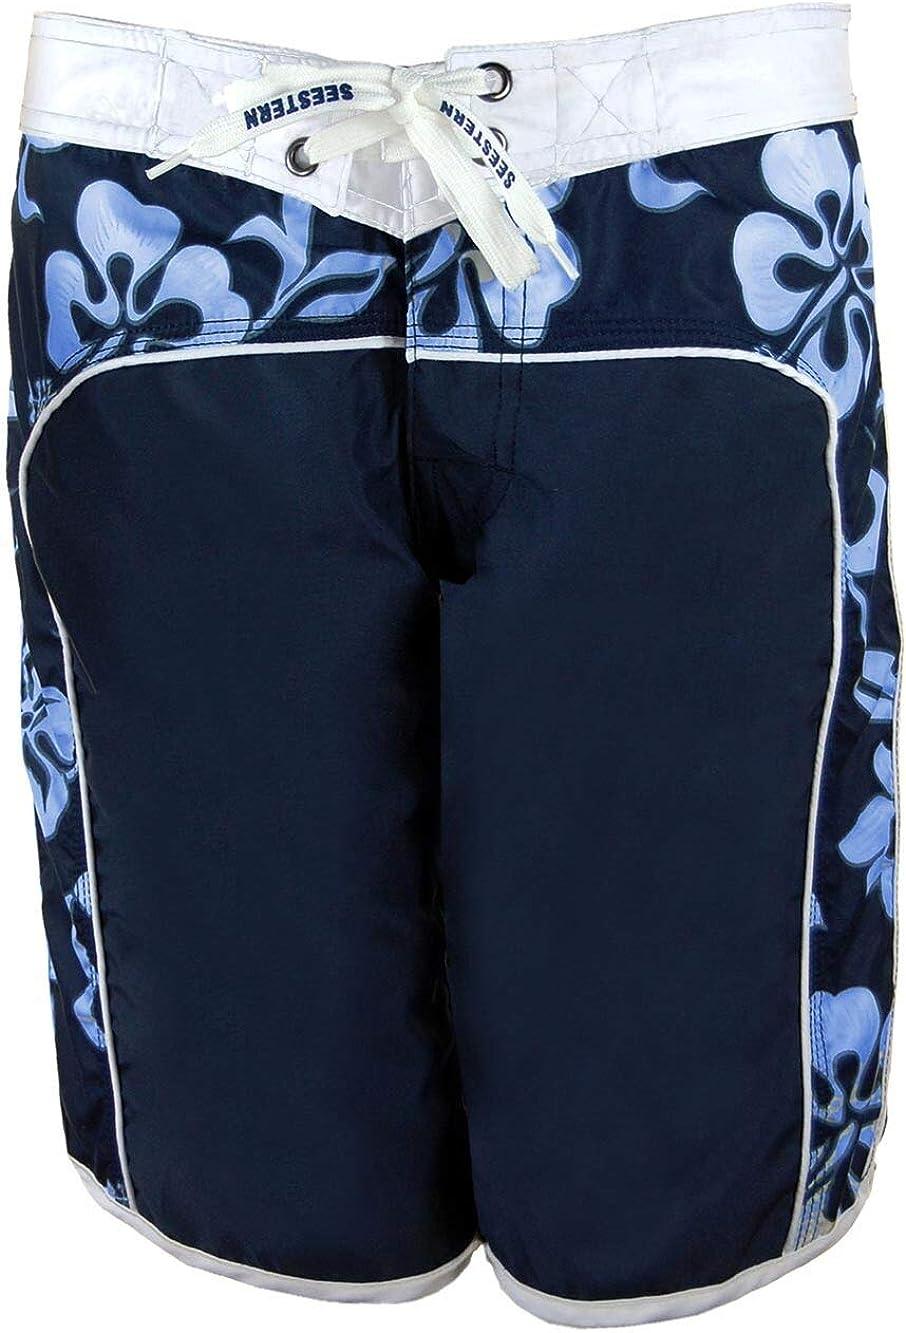 SEESTERN Damen Boardshorts Surfshorts Boardshort Surf Short Bade Shorts XS-XXXL